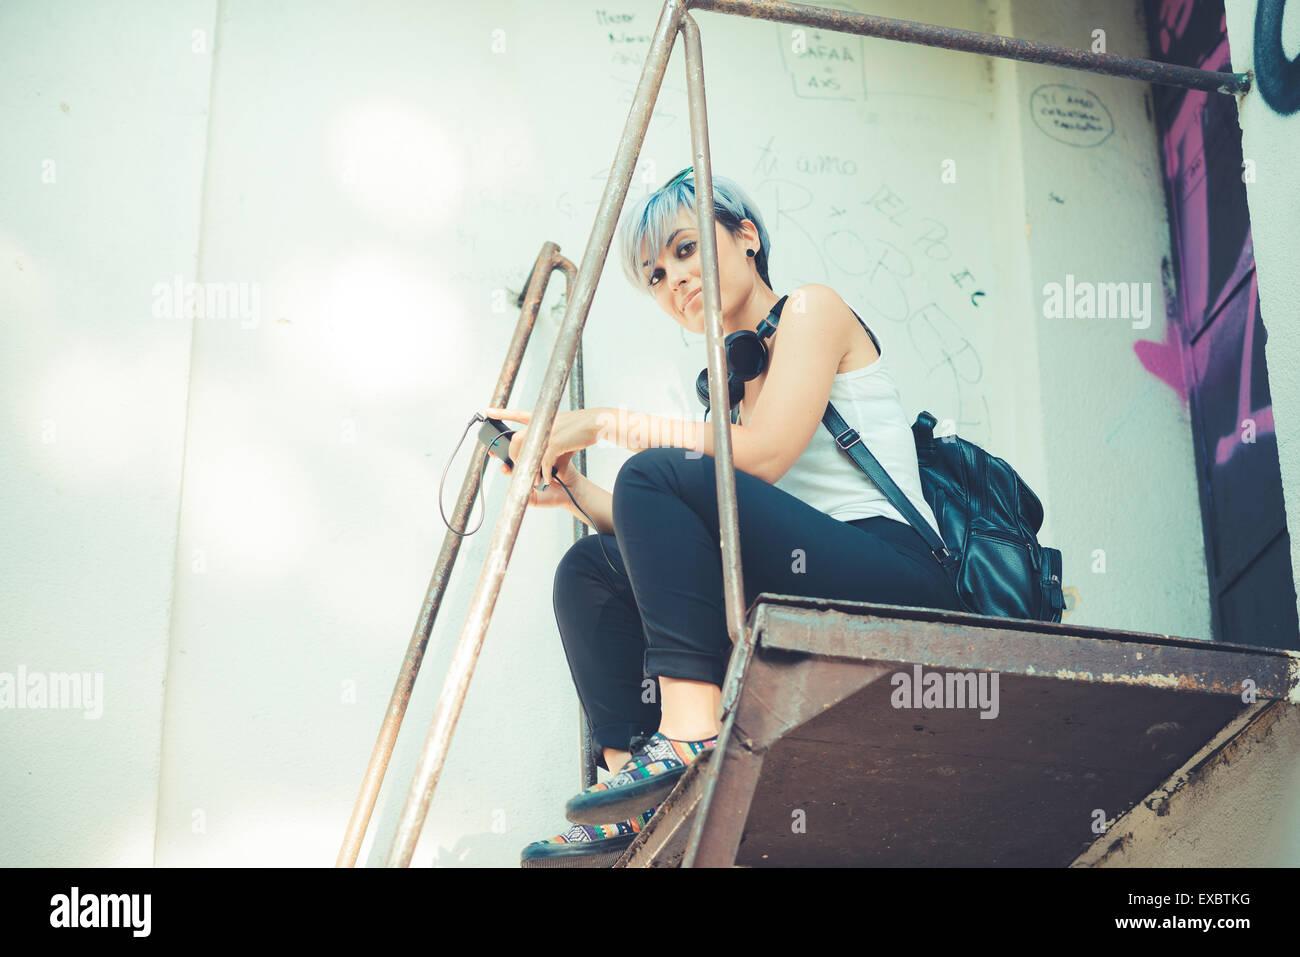 Hermosa joven de cabello azul corto hipster Mujer con auriculares de música en la ciudad Imagen De Stock